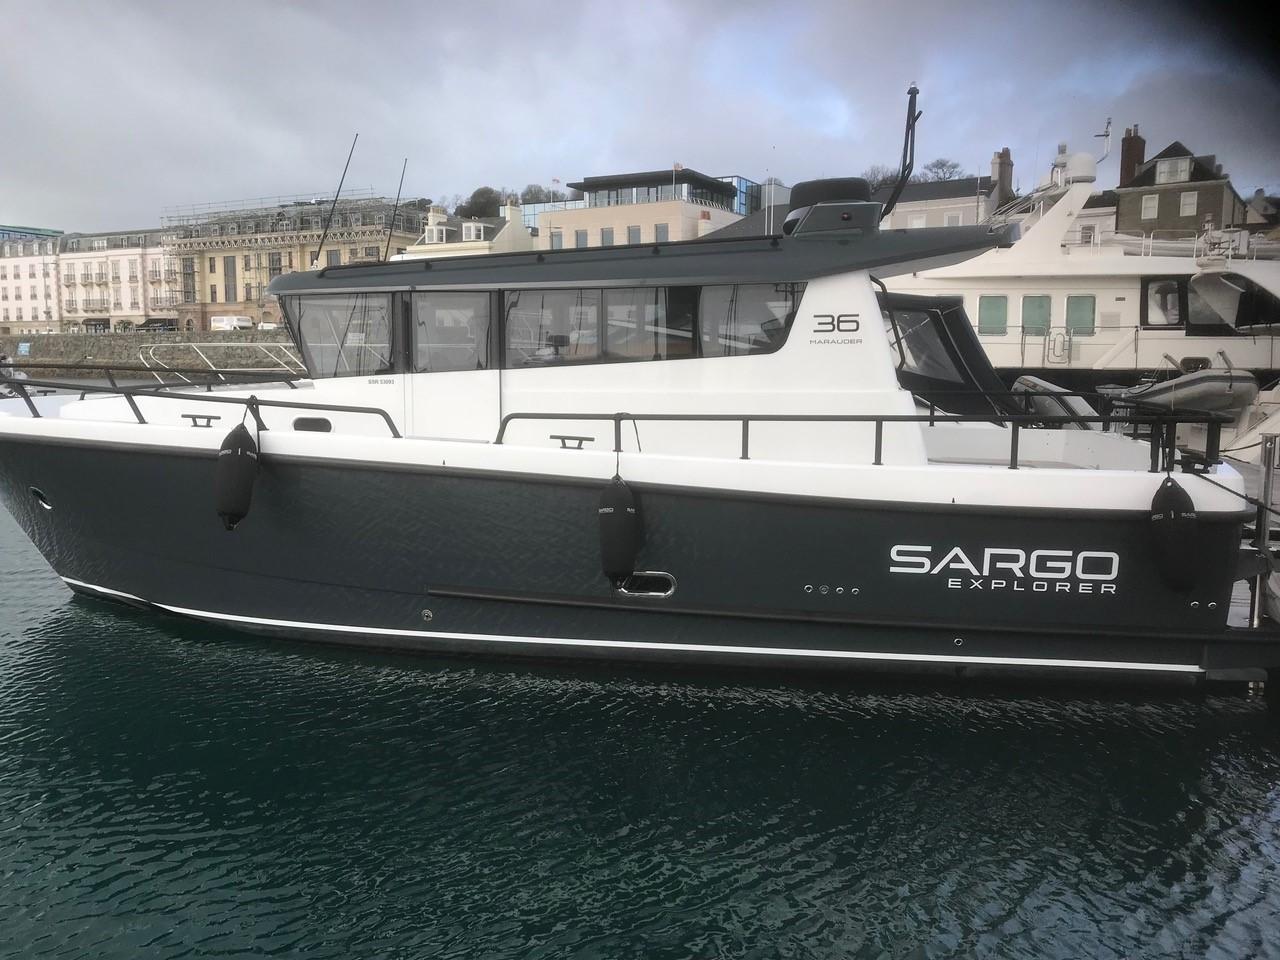 Sargo 36 Explorer for sale